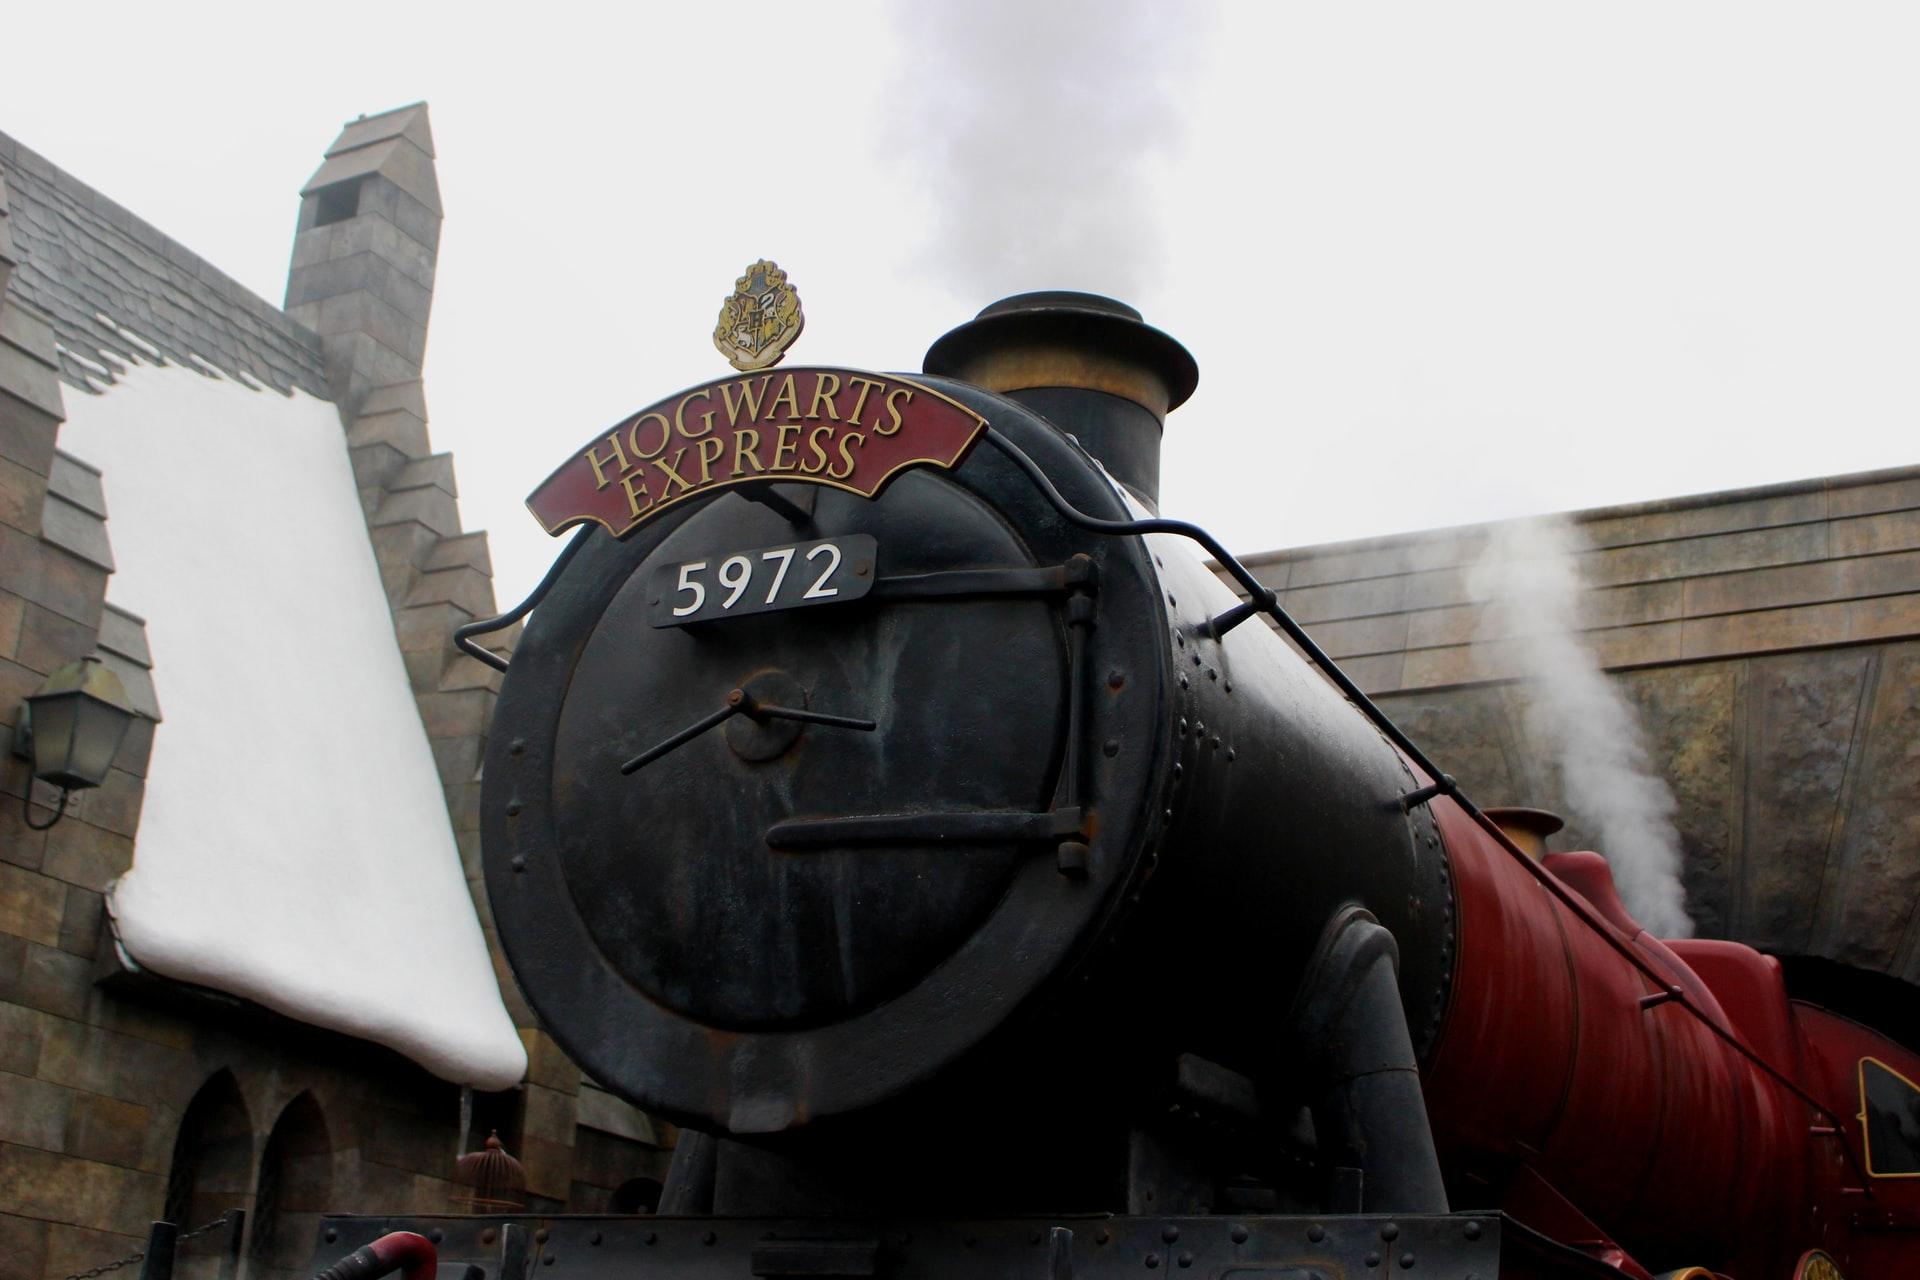 Hogwarts train at theme park